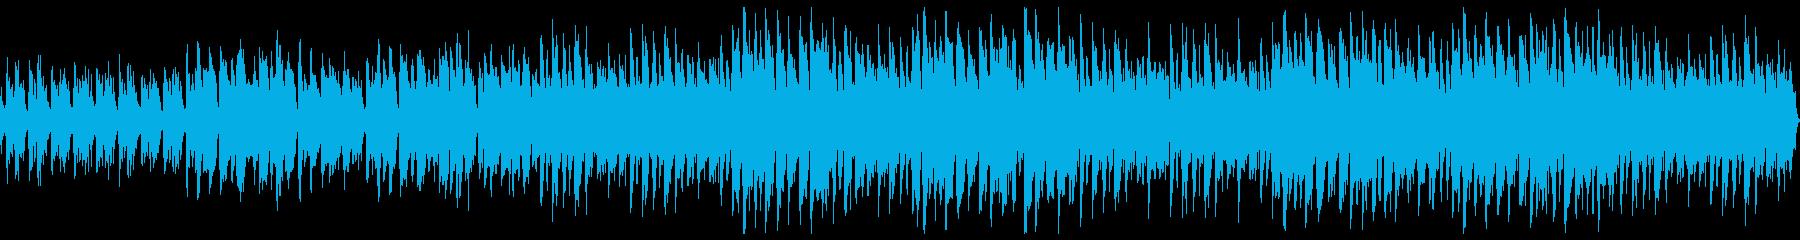 リコーダー2本でほのぼのカントリーの再生済みの波形